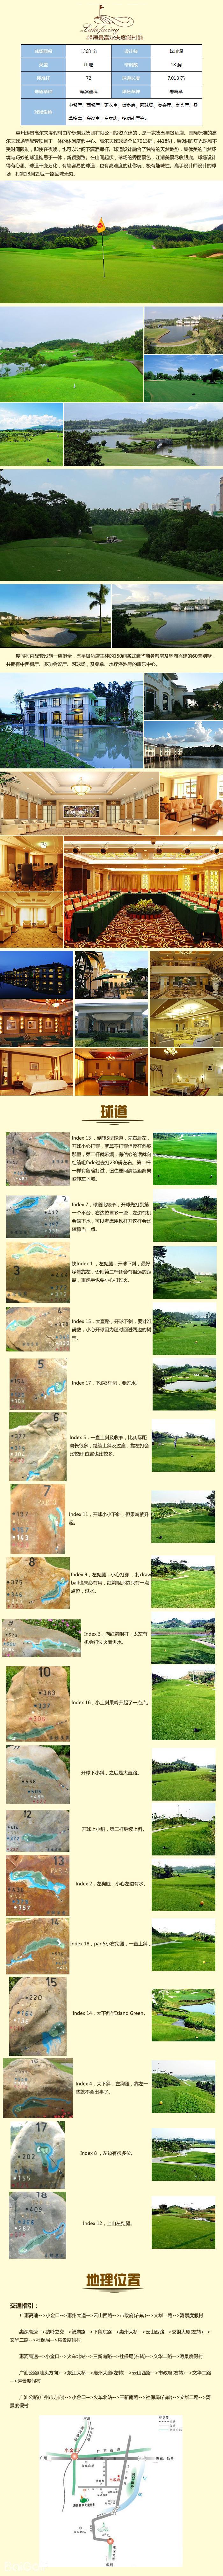 惠州涛景高尔夫度假村介绍